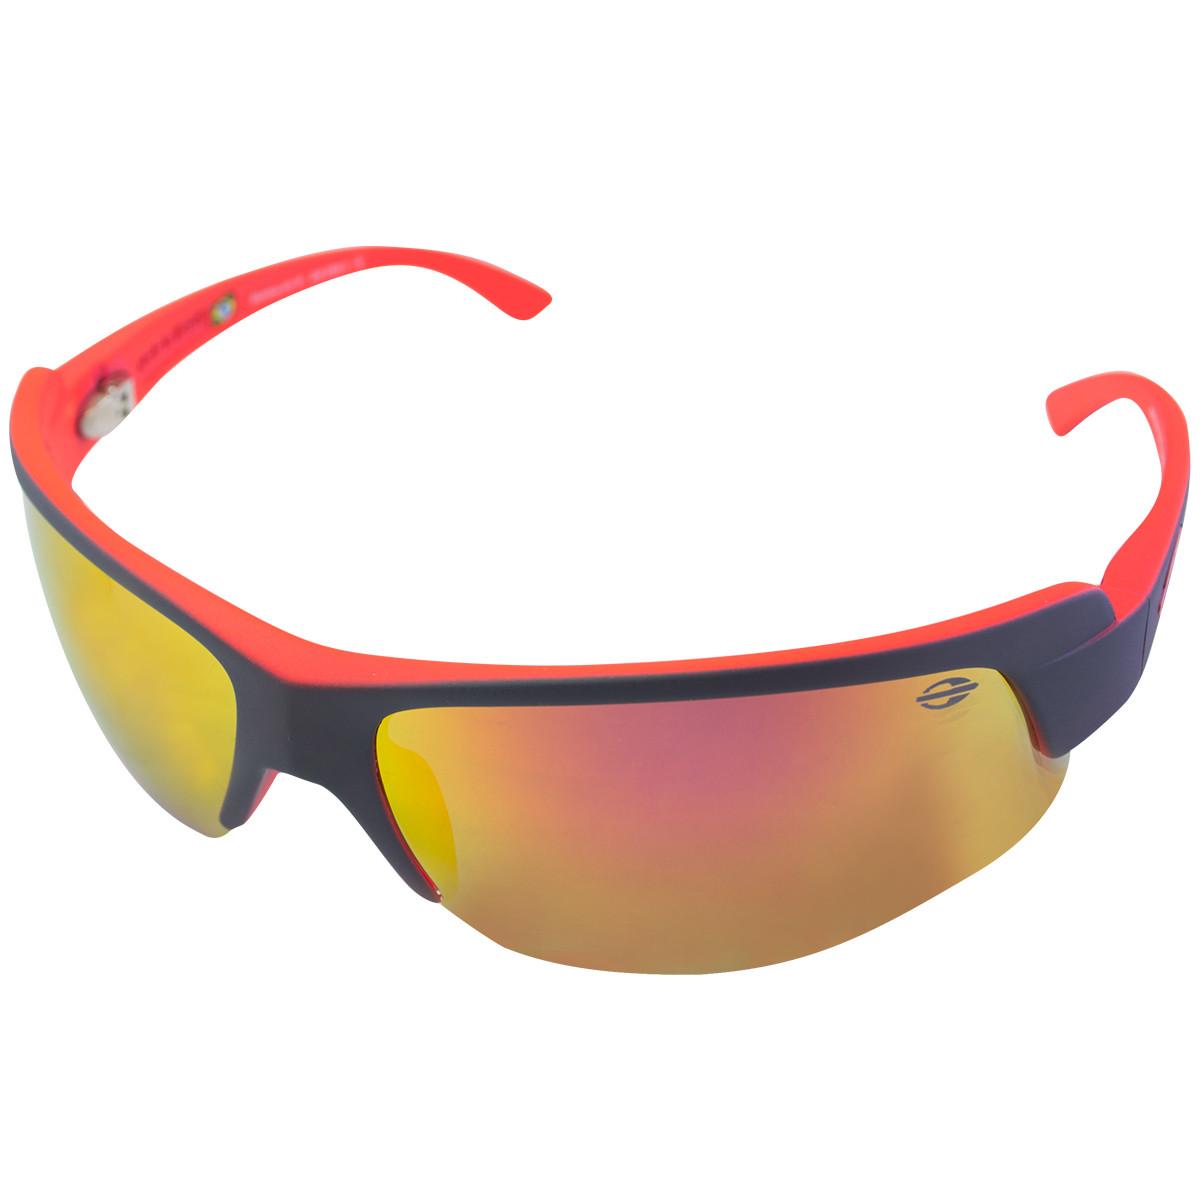 Óculos Mormaii Gamboa Air 3 Vermelho e Preto Lente Ruby Espelhada ... 170a6d7d4f